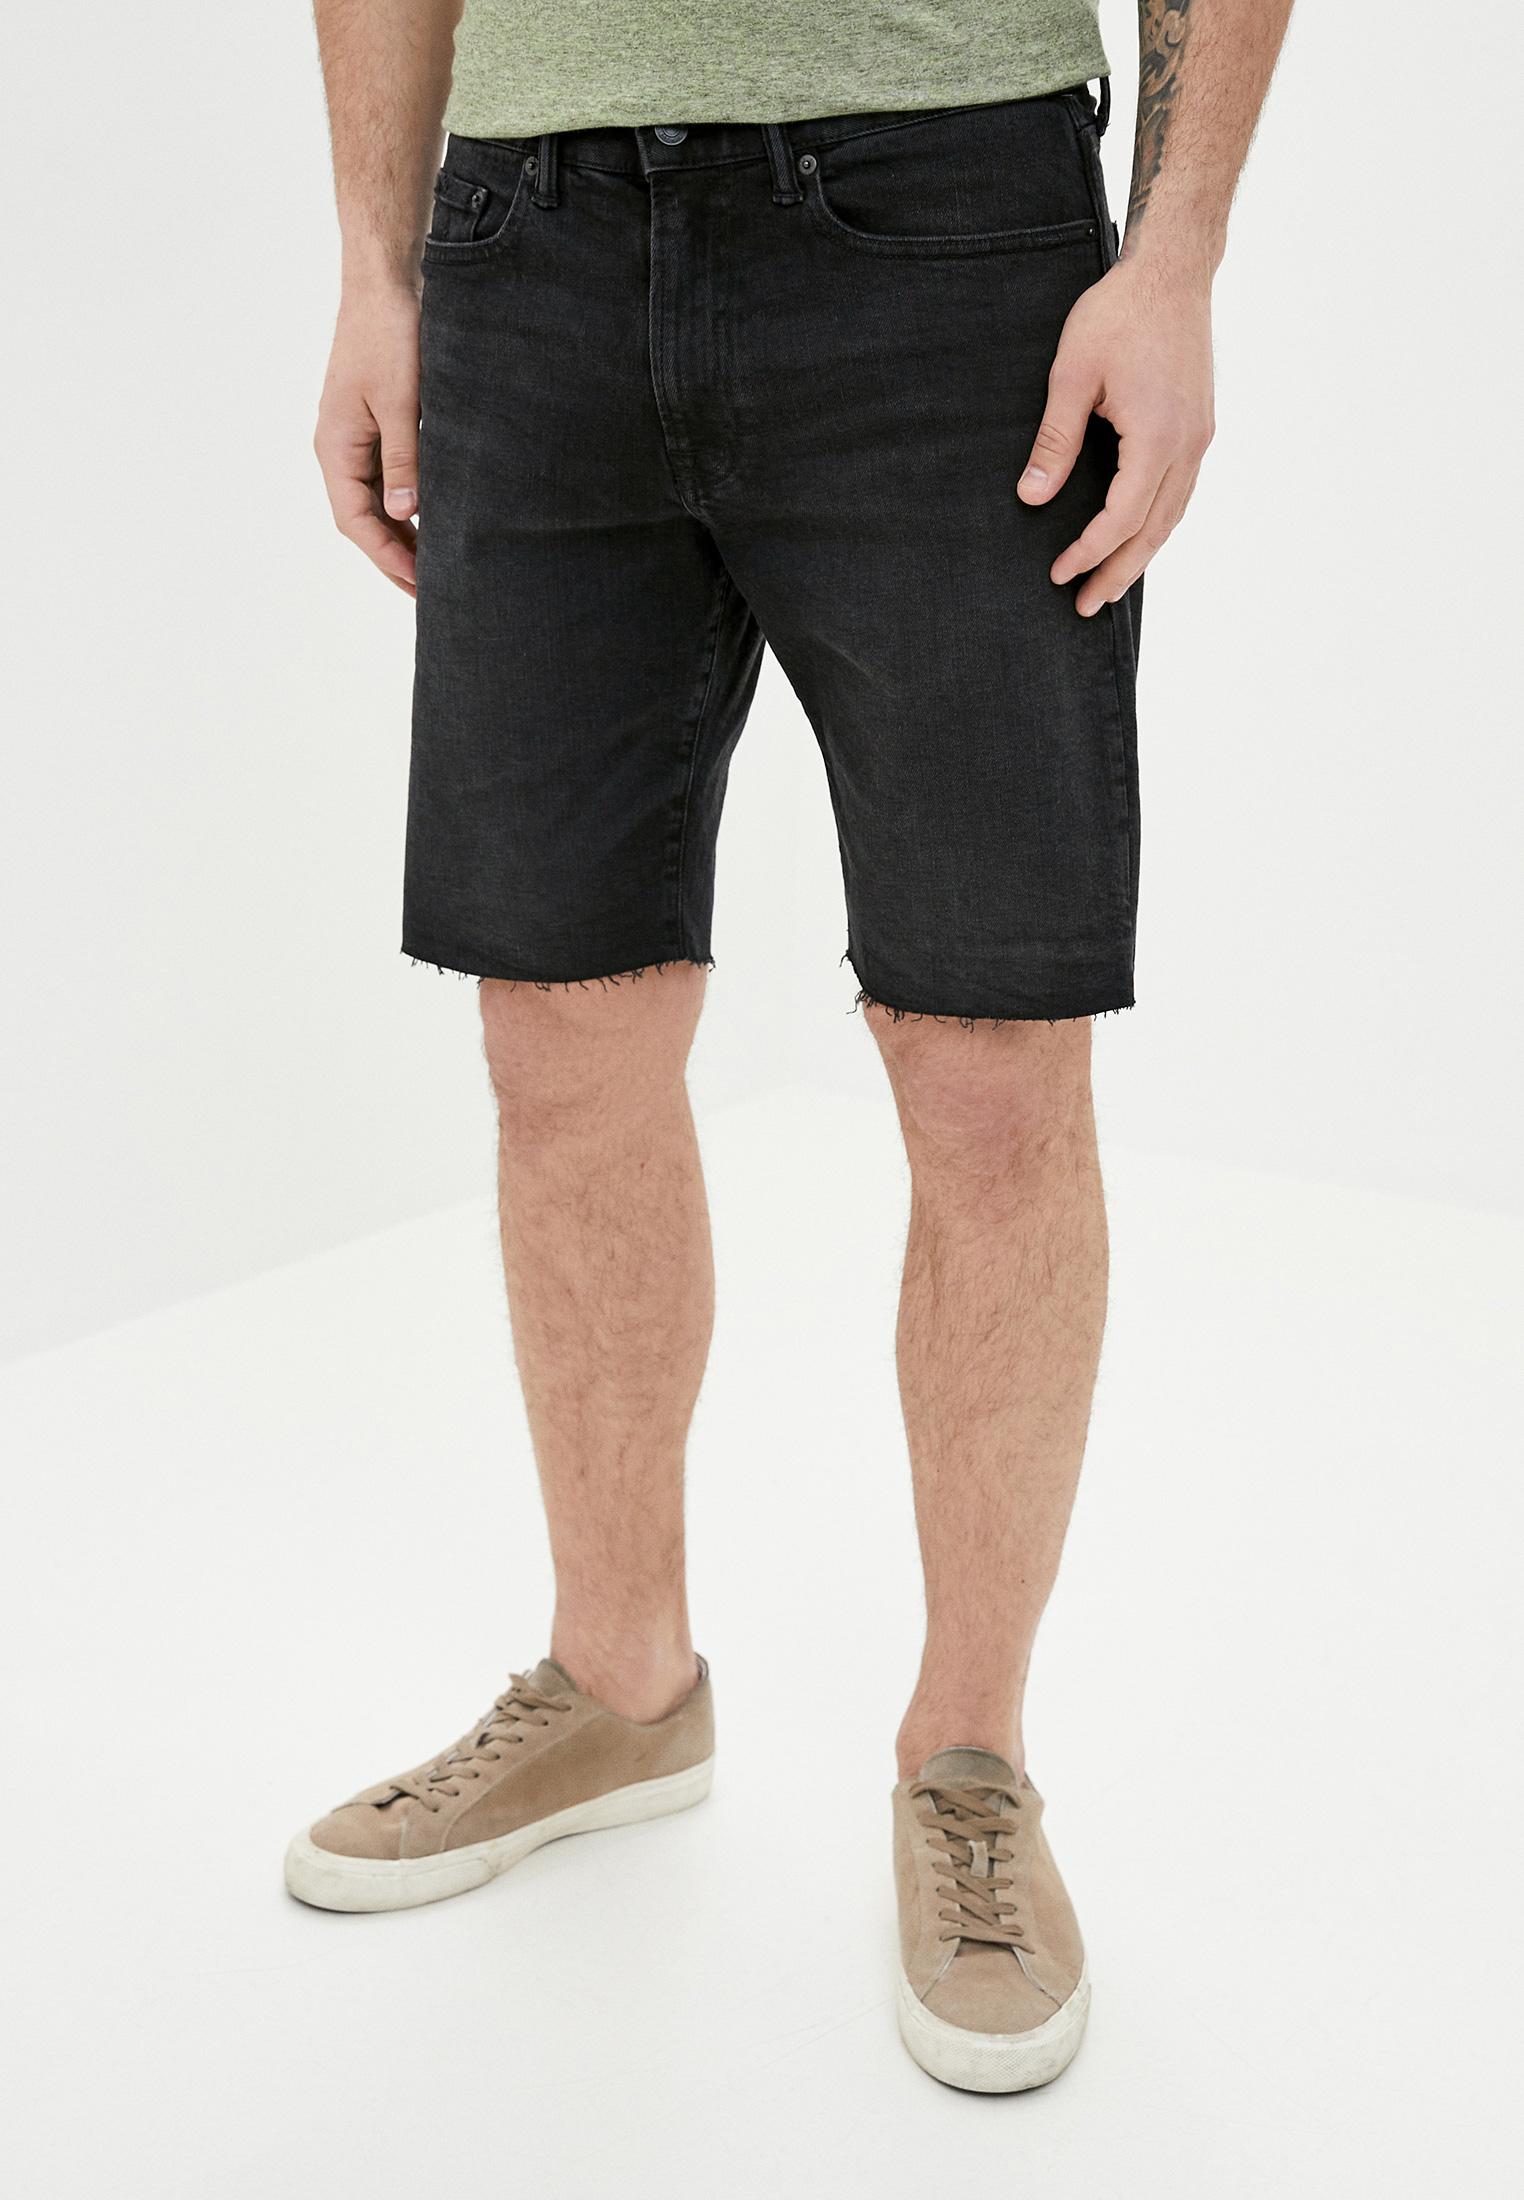 Мужские джинсовые шорты Gap 582484